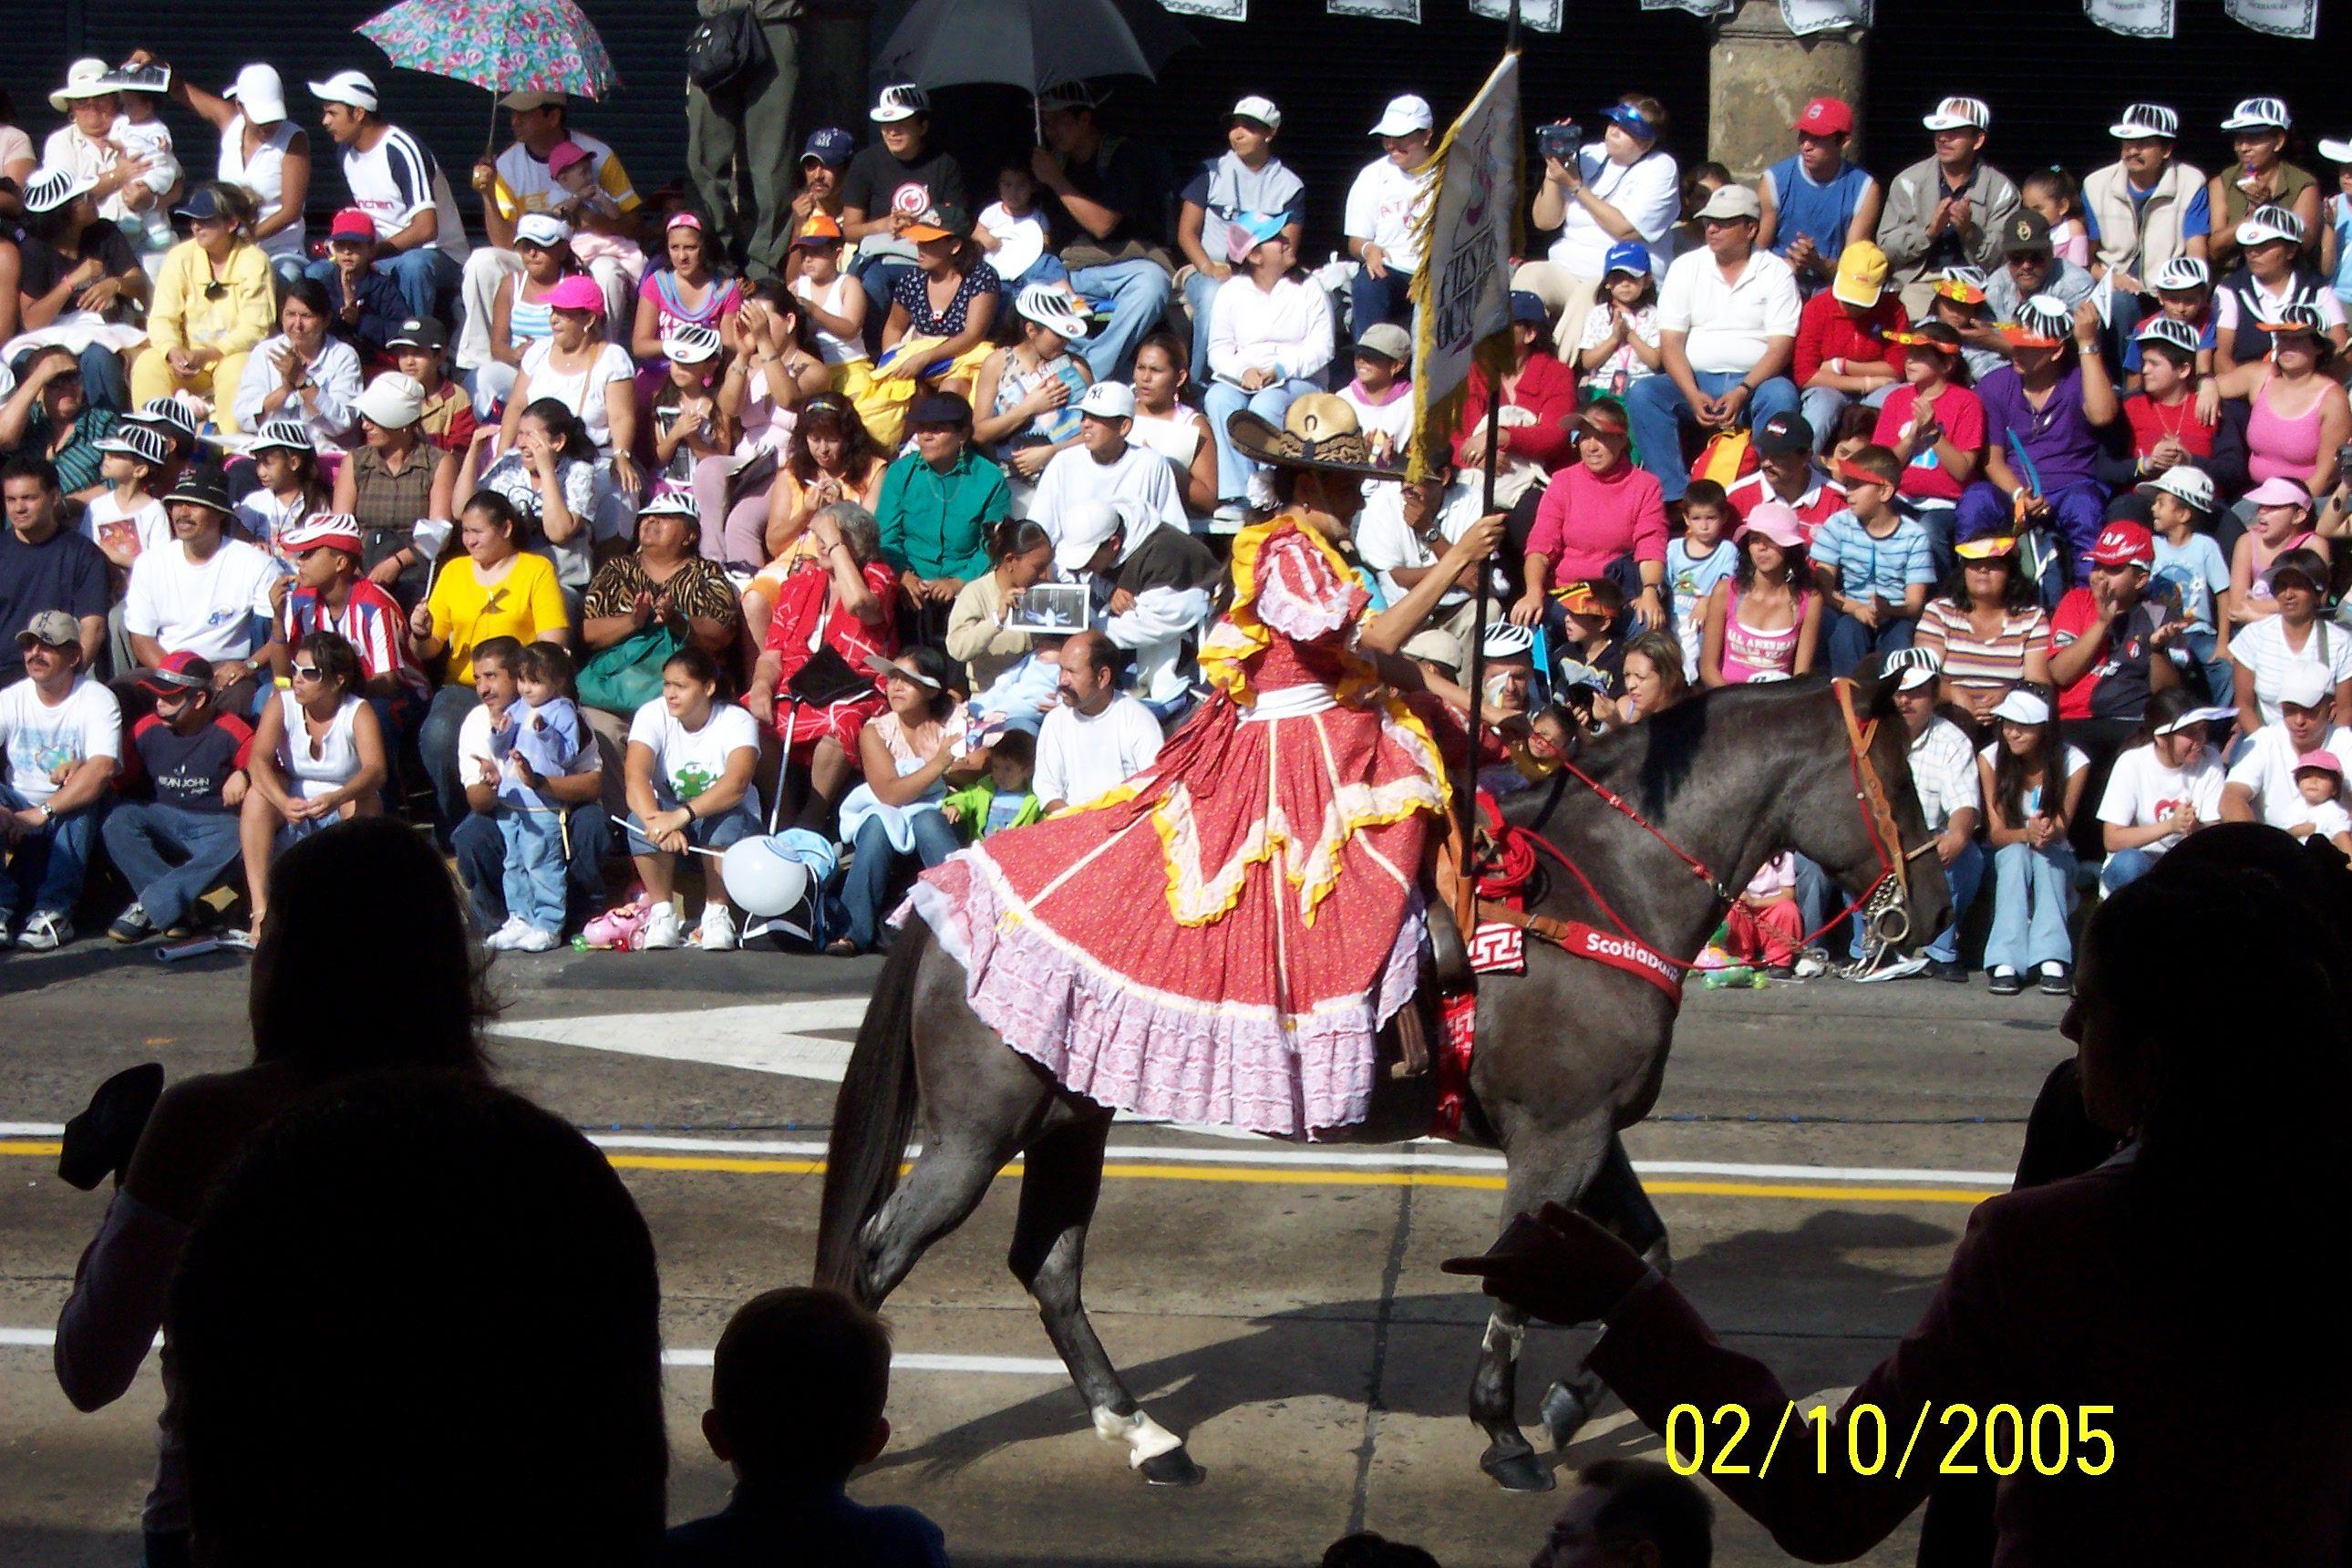 Escaramuza en desfile.    Av. 16 de septiembre Guadalajara, Jal.